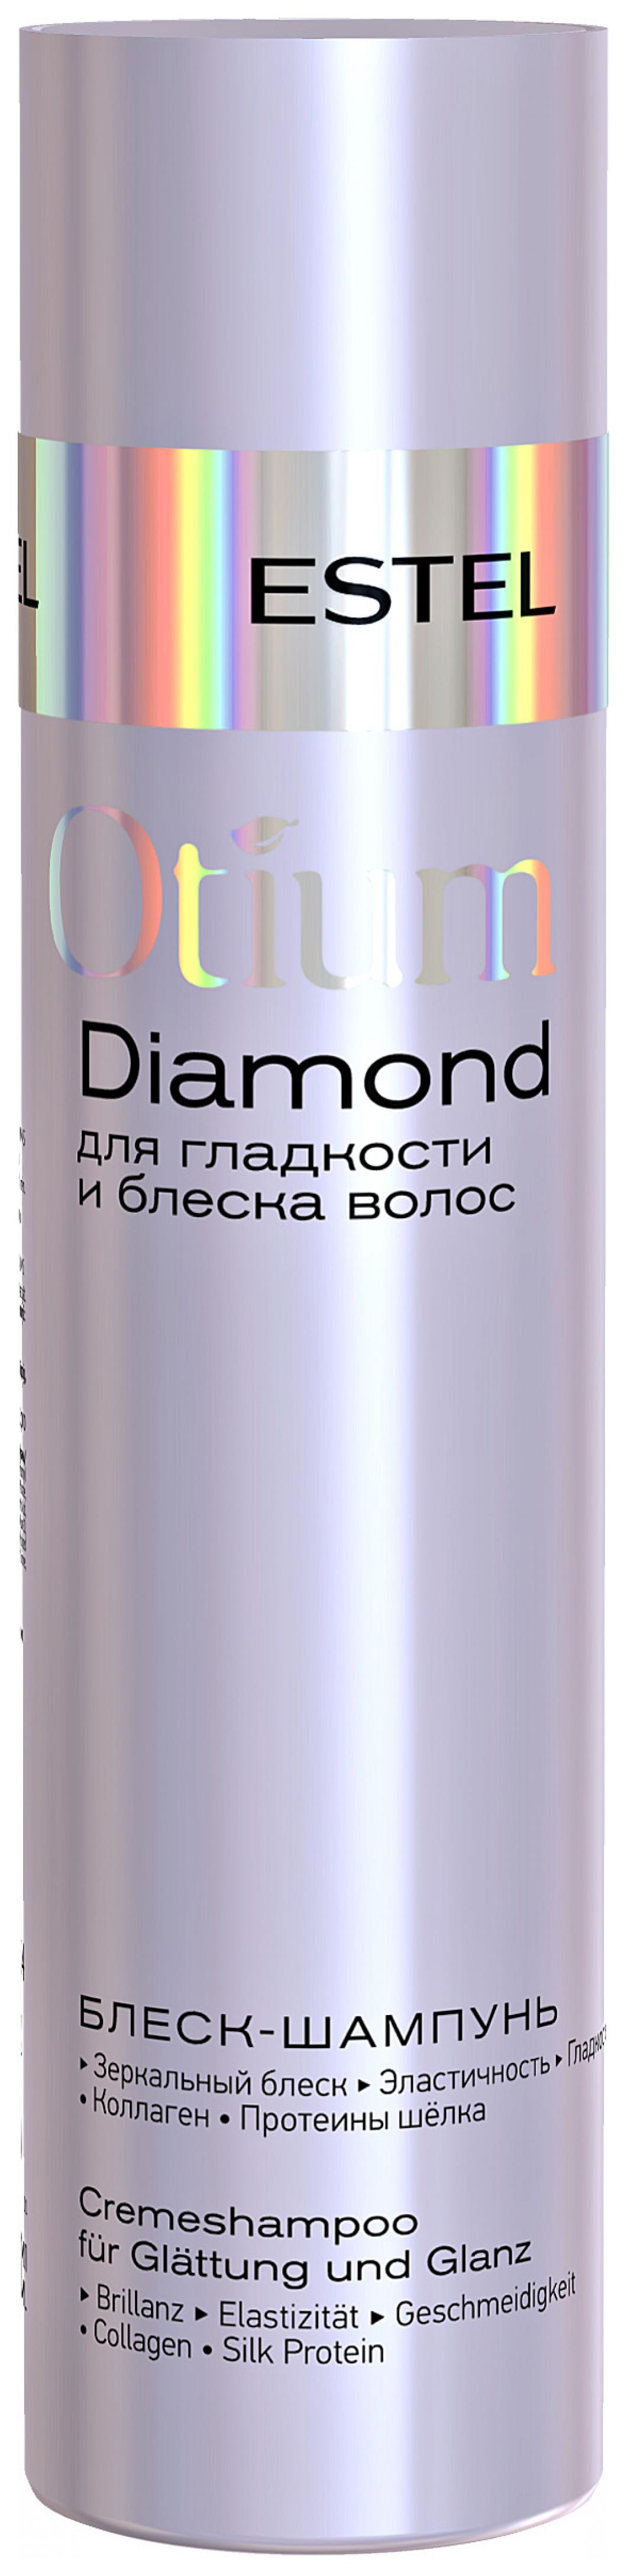 ESTEL DIAMOND SHAMPOO